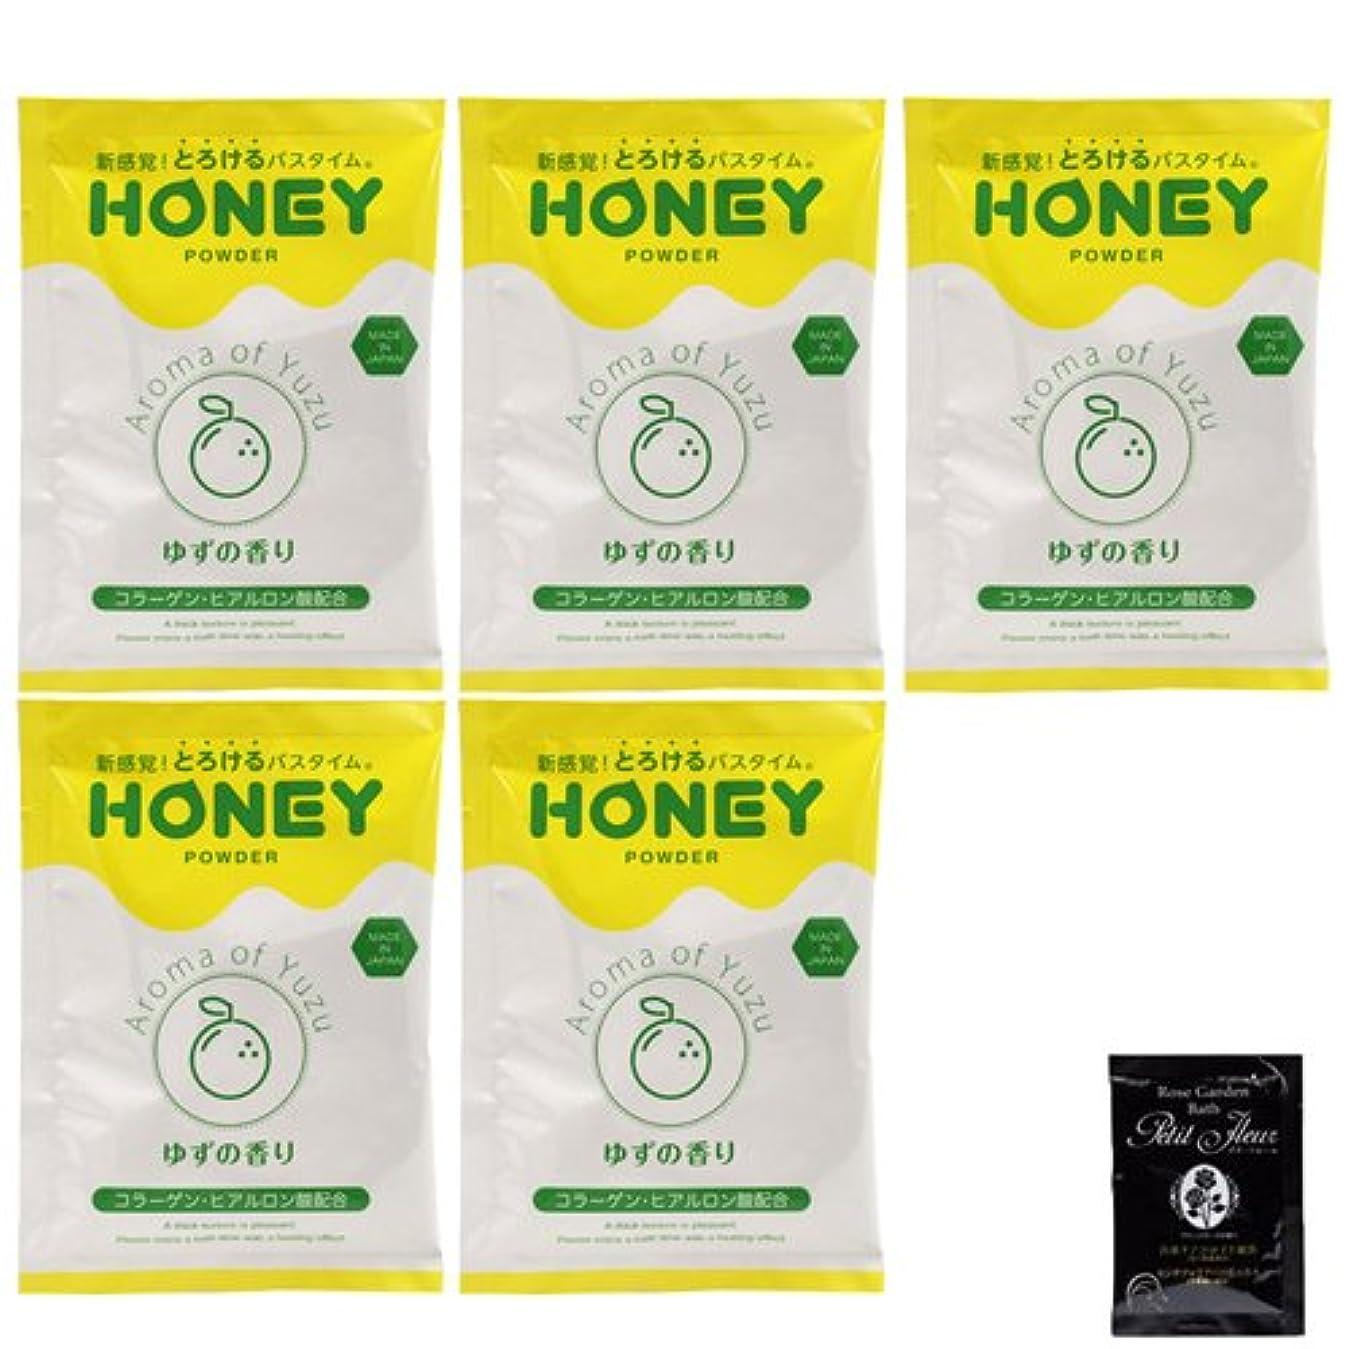 農民信頼性のある罰する【honey powder】(ハニーパウダー) ゆずの香り 粉末タイプ×5個 + 入浴剤プチフルール1回分セット